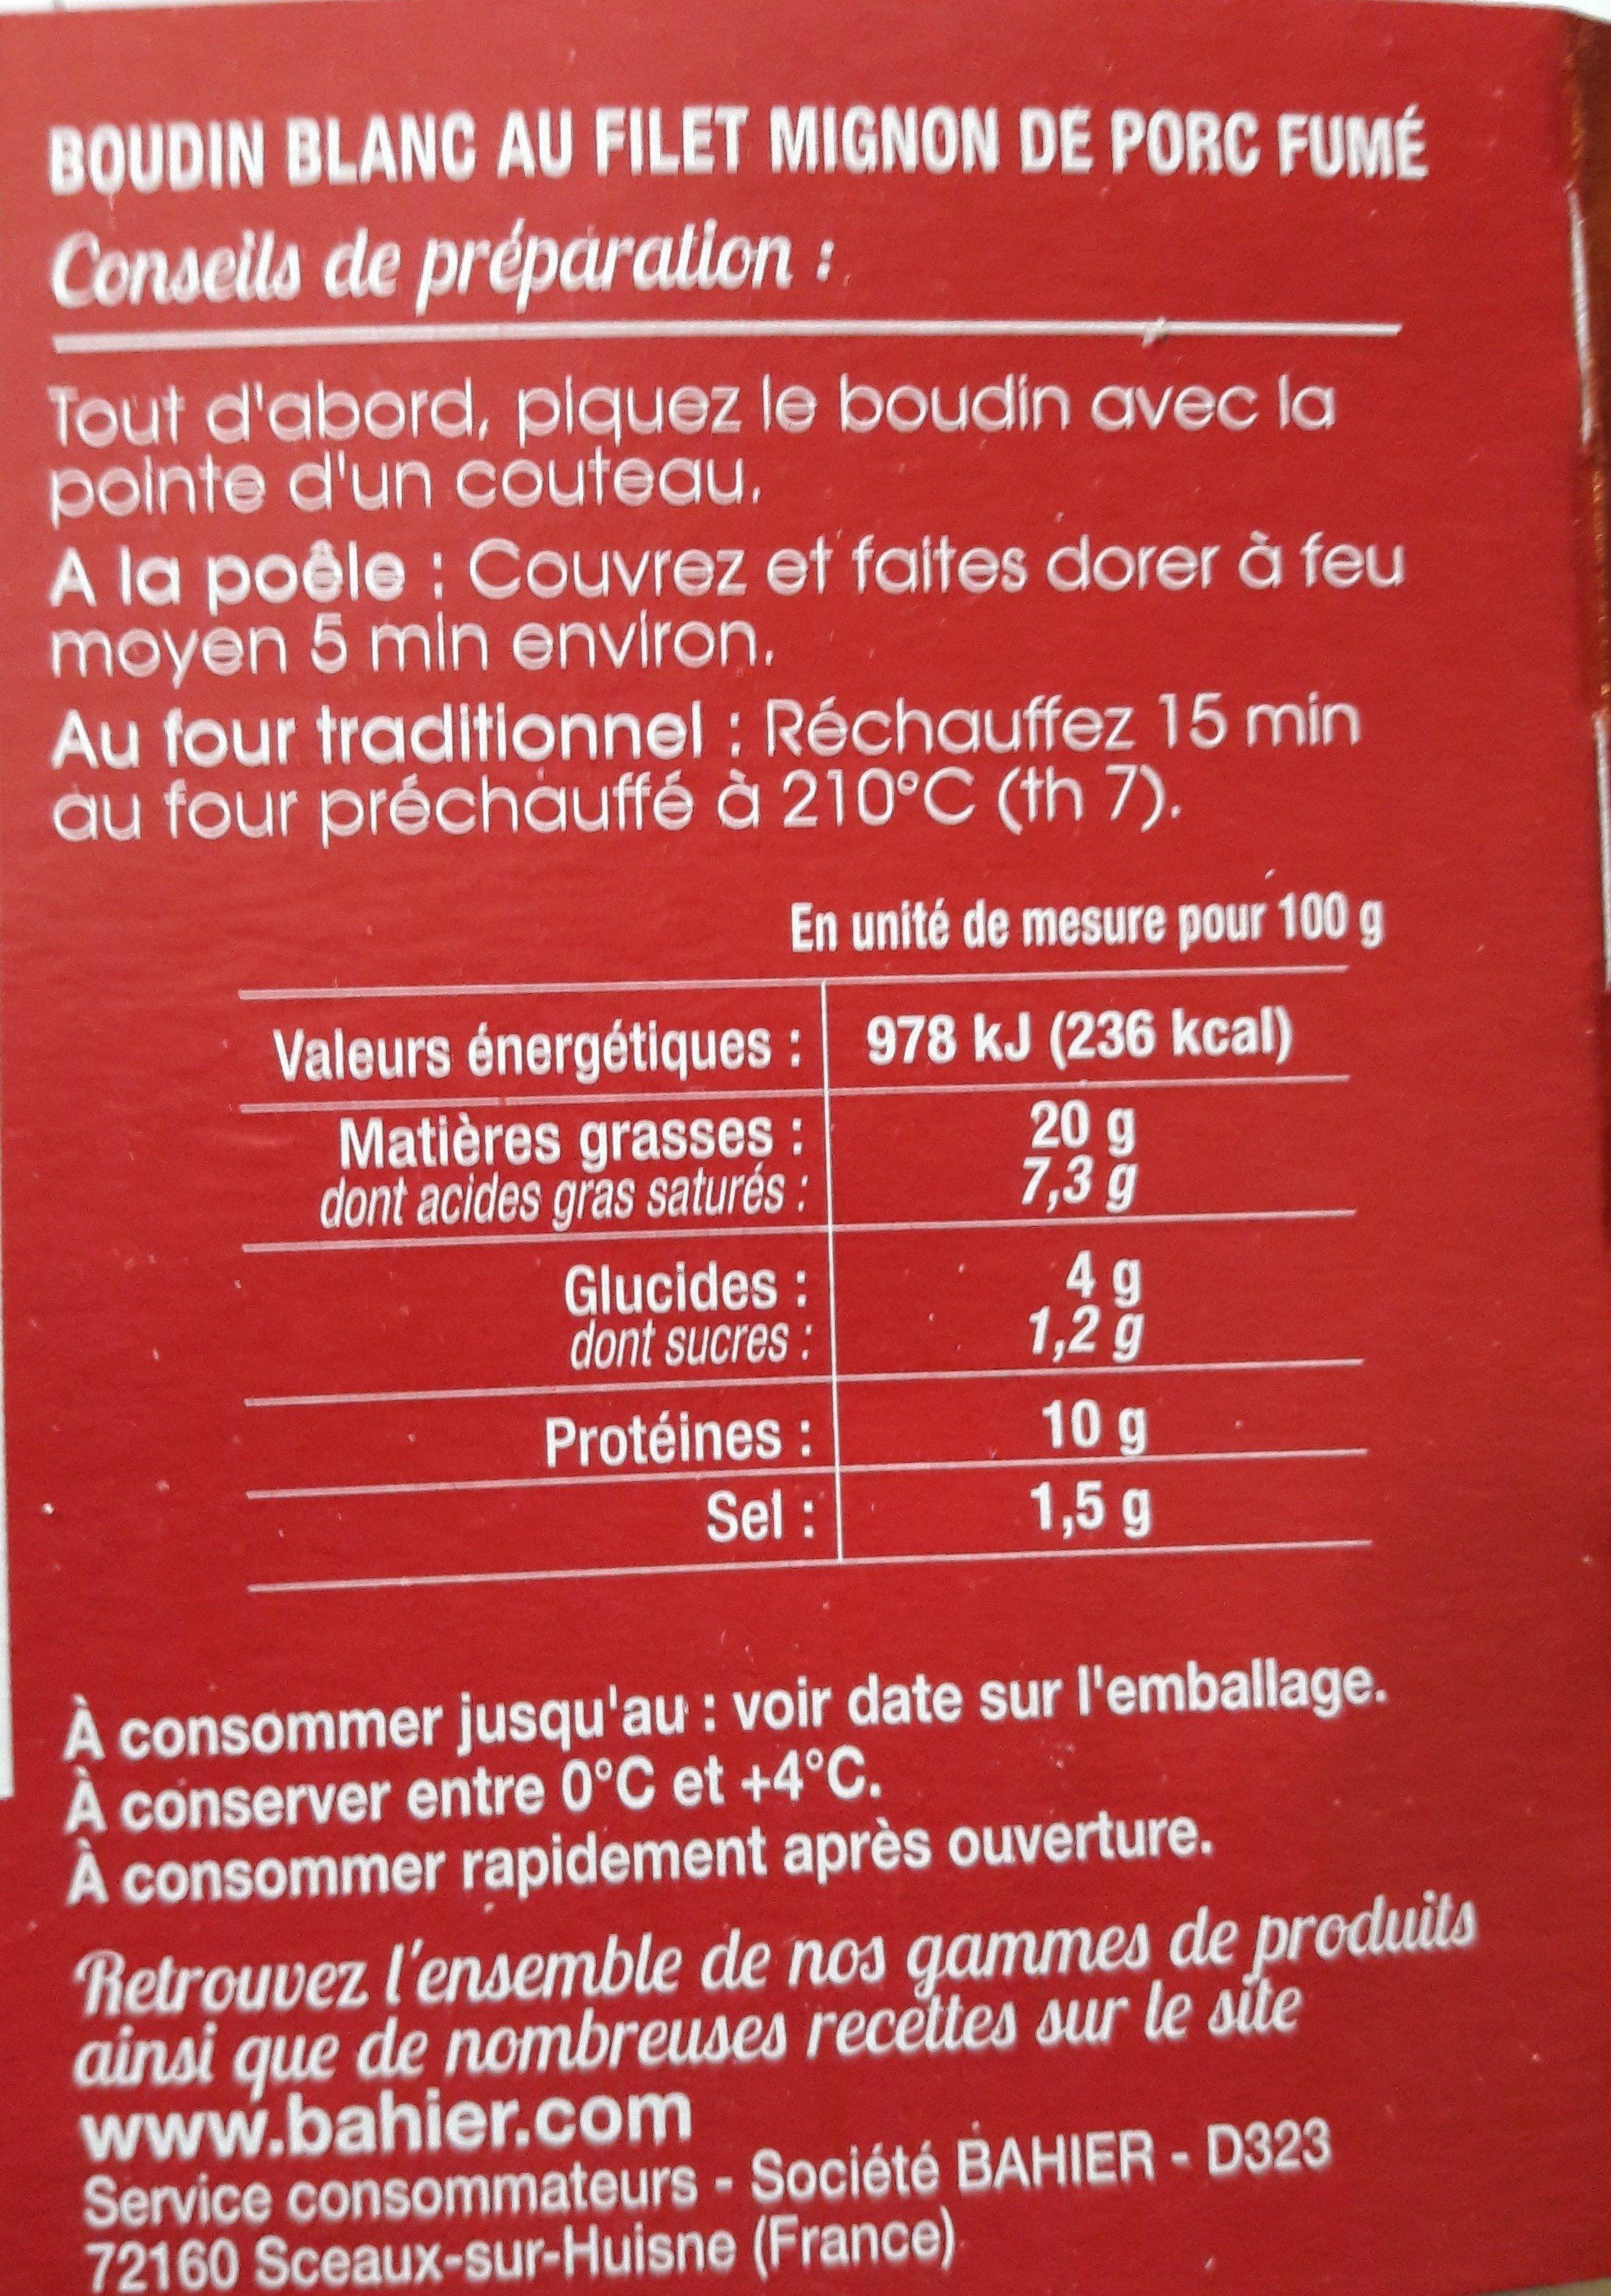 Boudin blanc au filet mignon de porc fumé - Ingrédients - fr